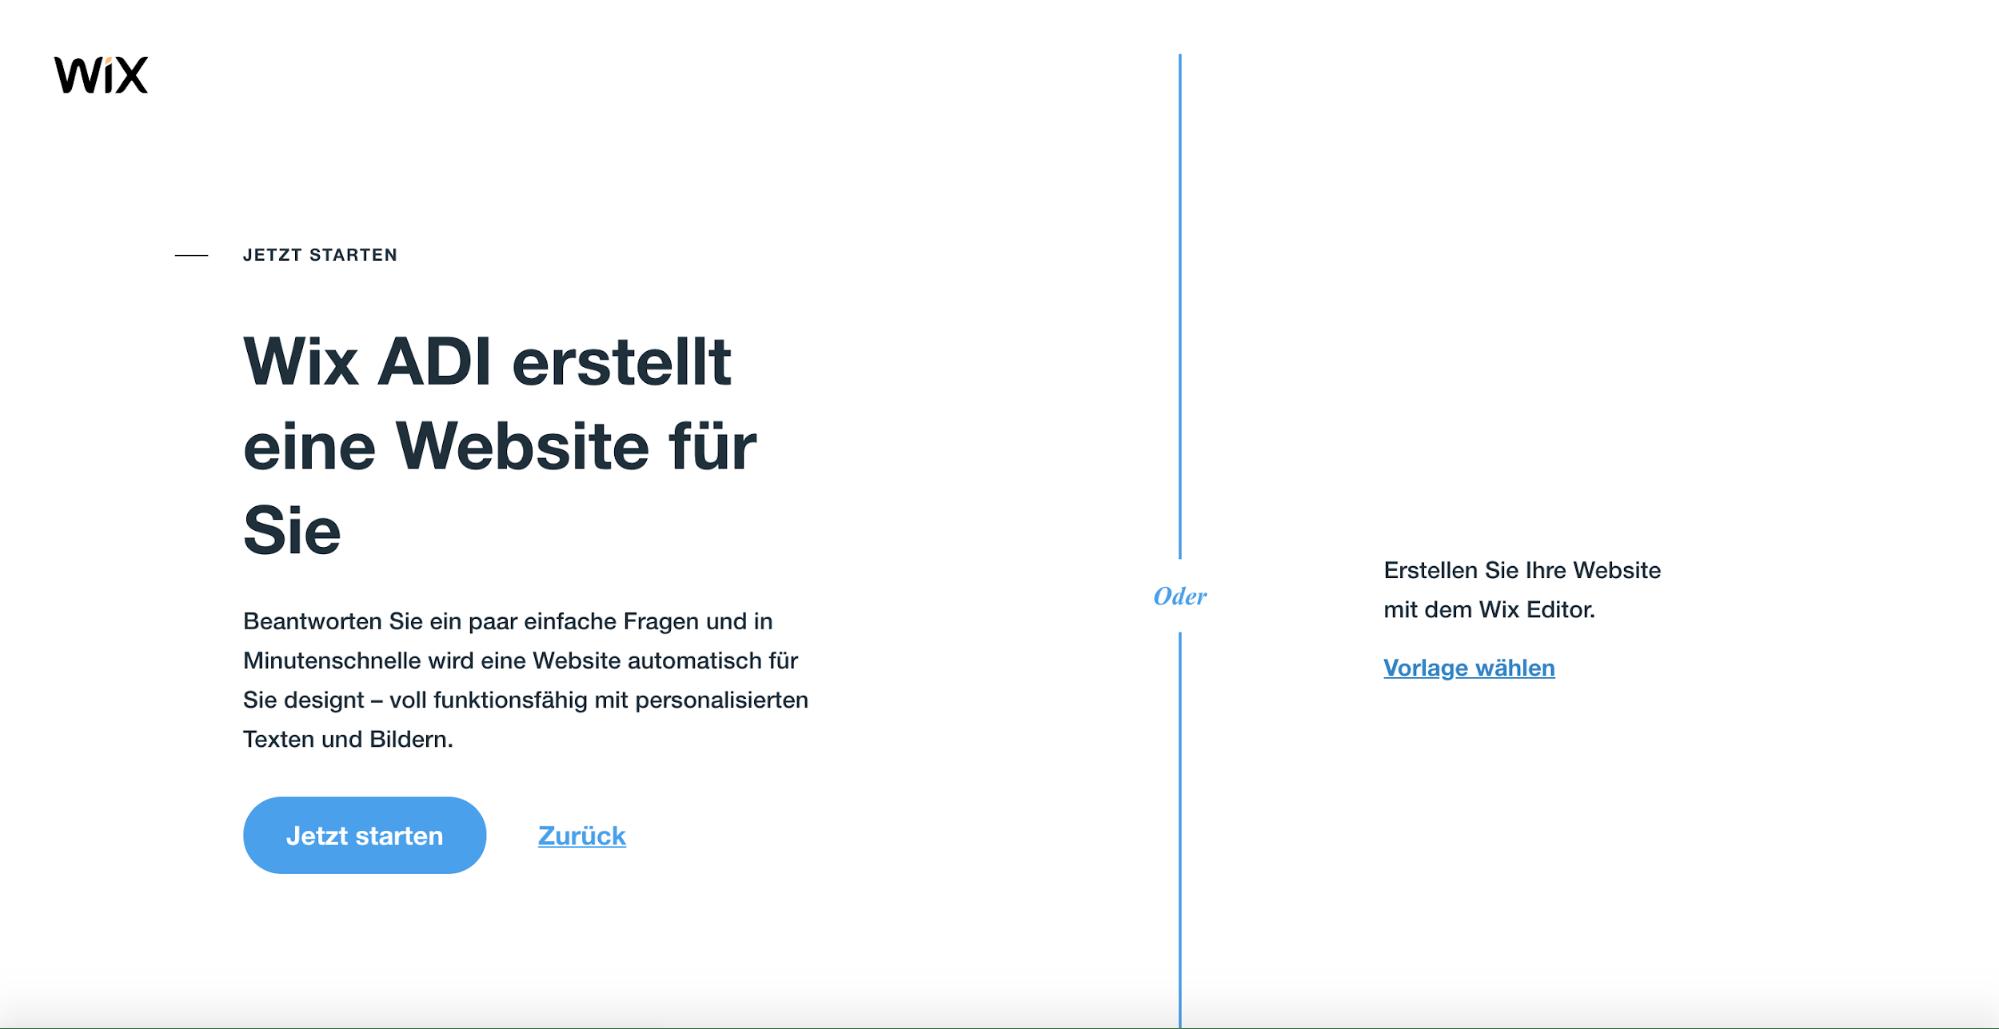 Einfache Homepage erstellen (für Anfänger): Wix Schritt 2.2